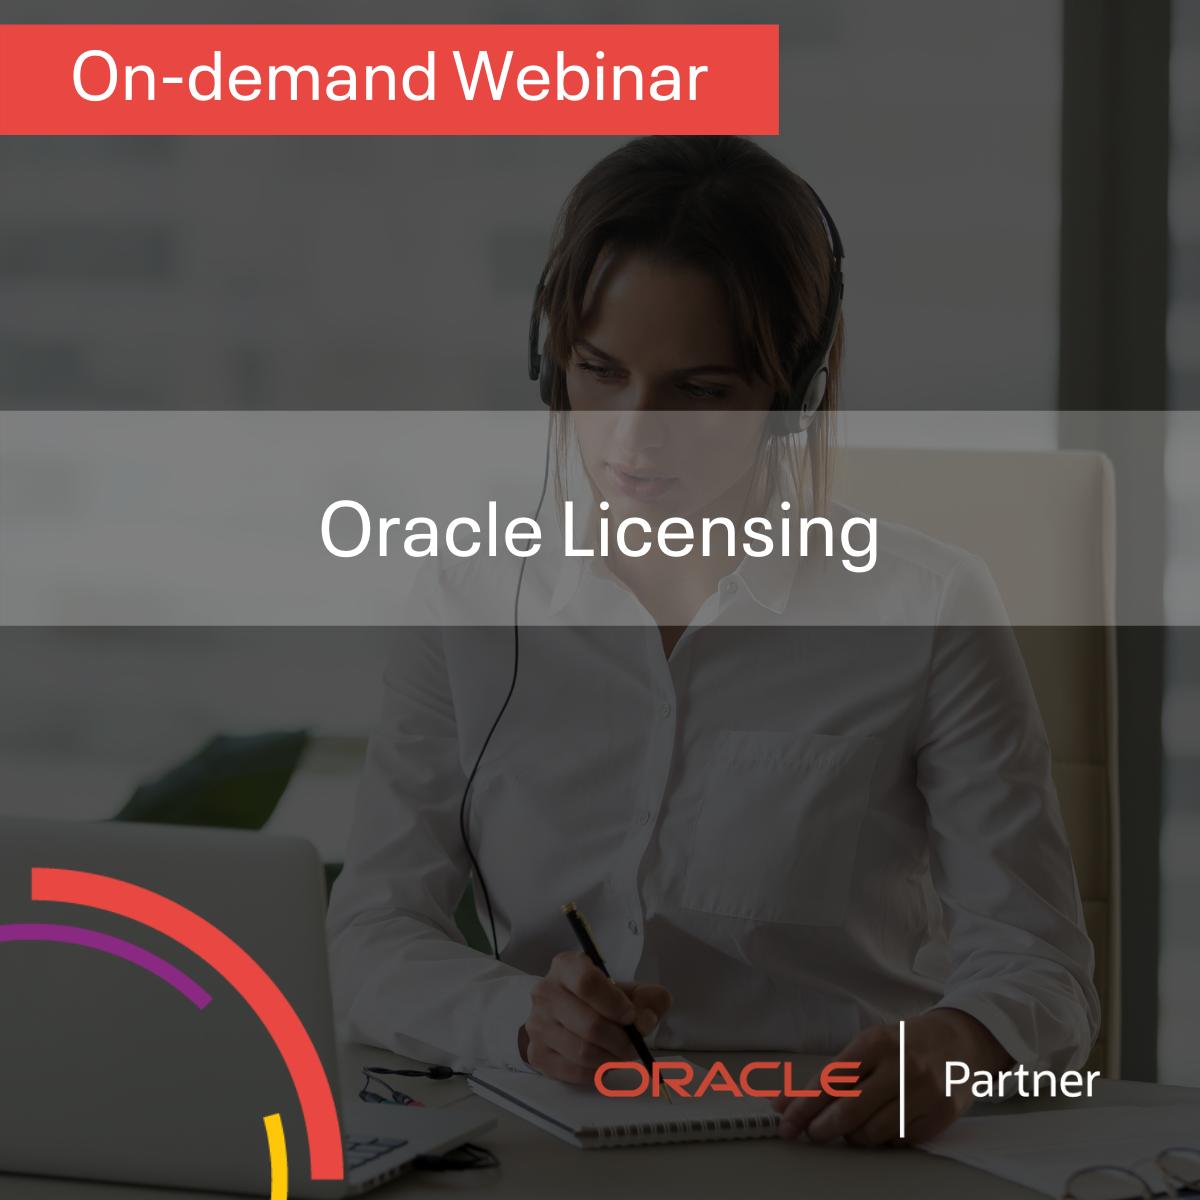 Oracle Licensing